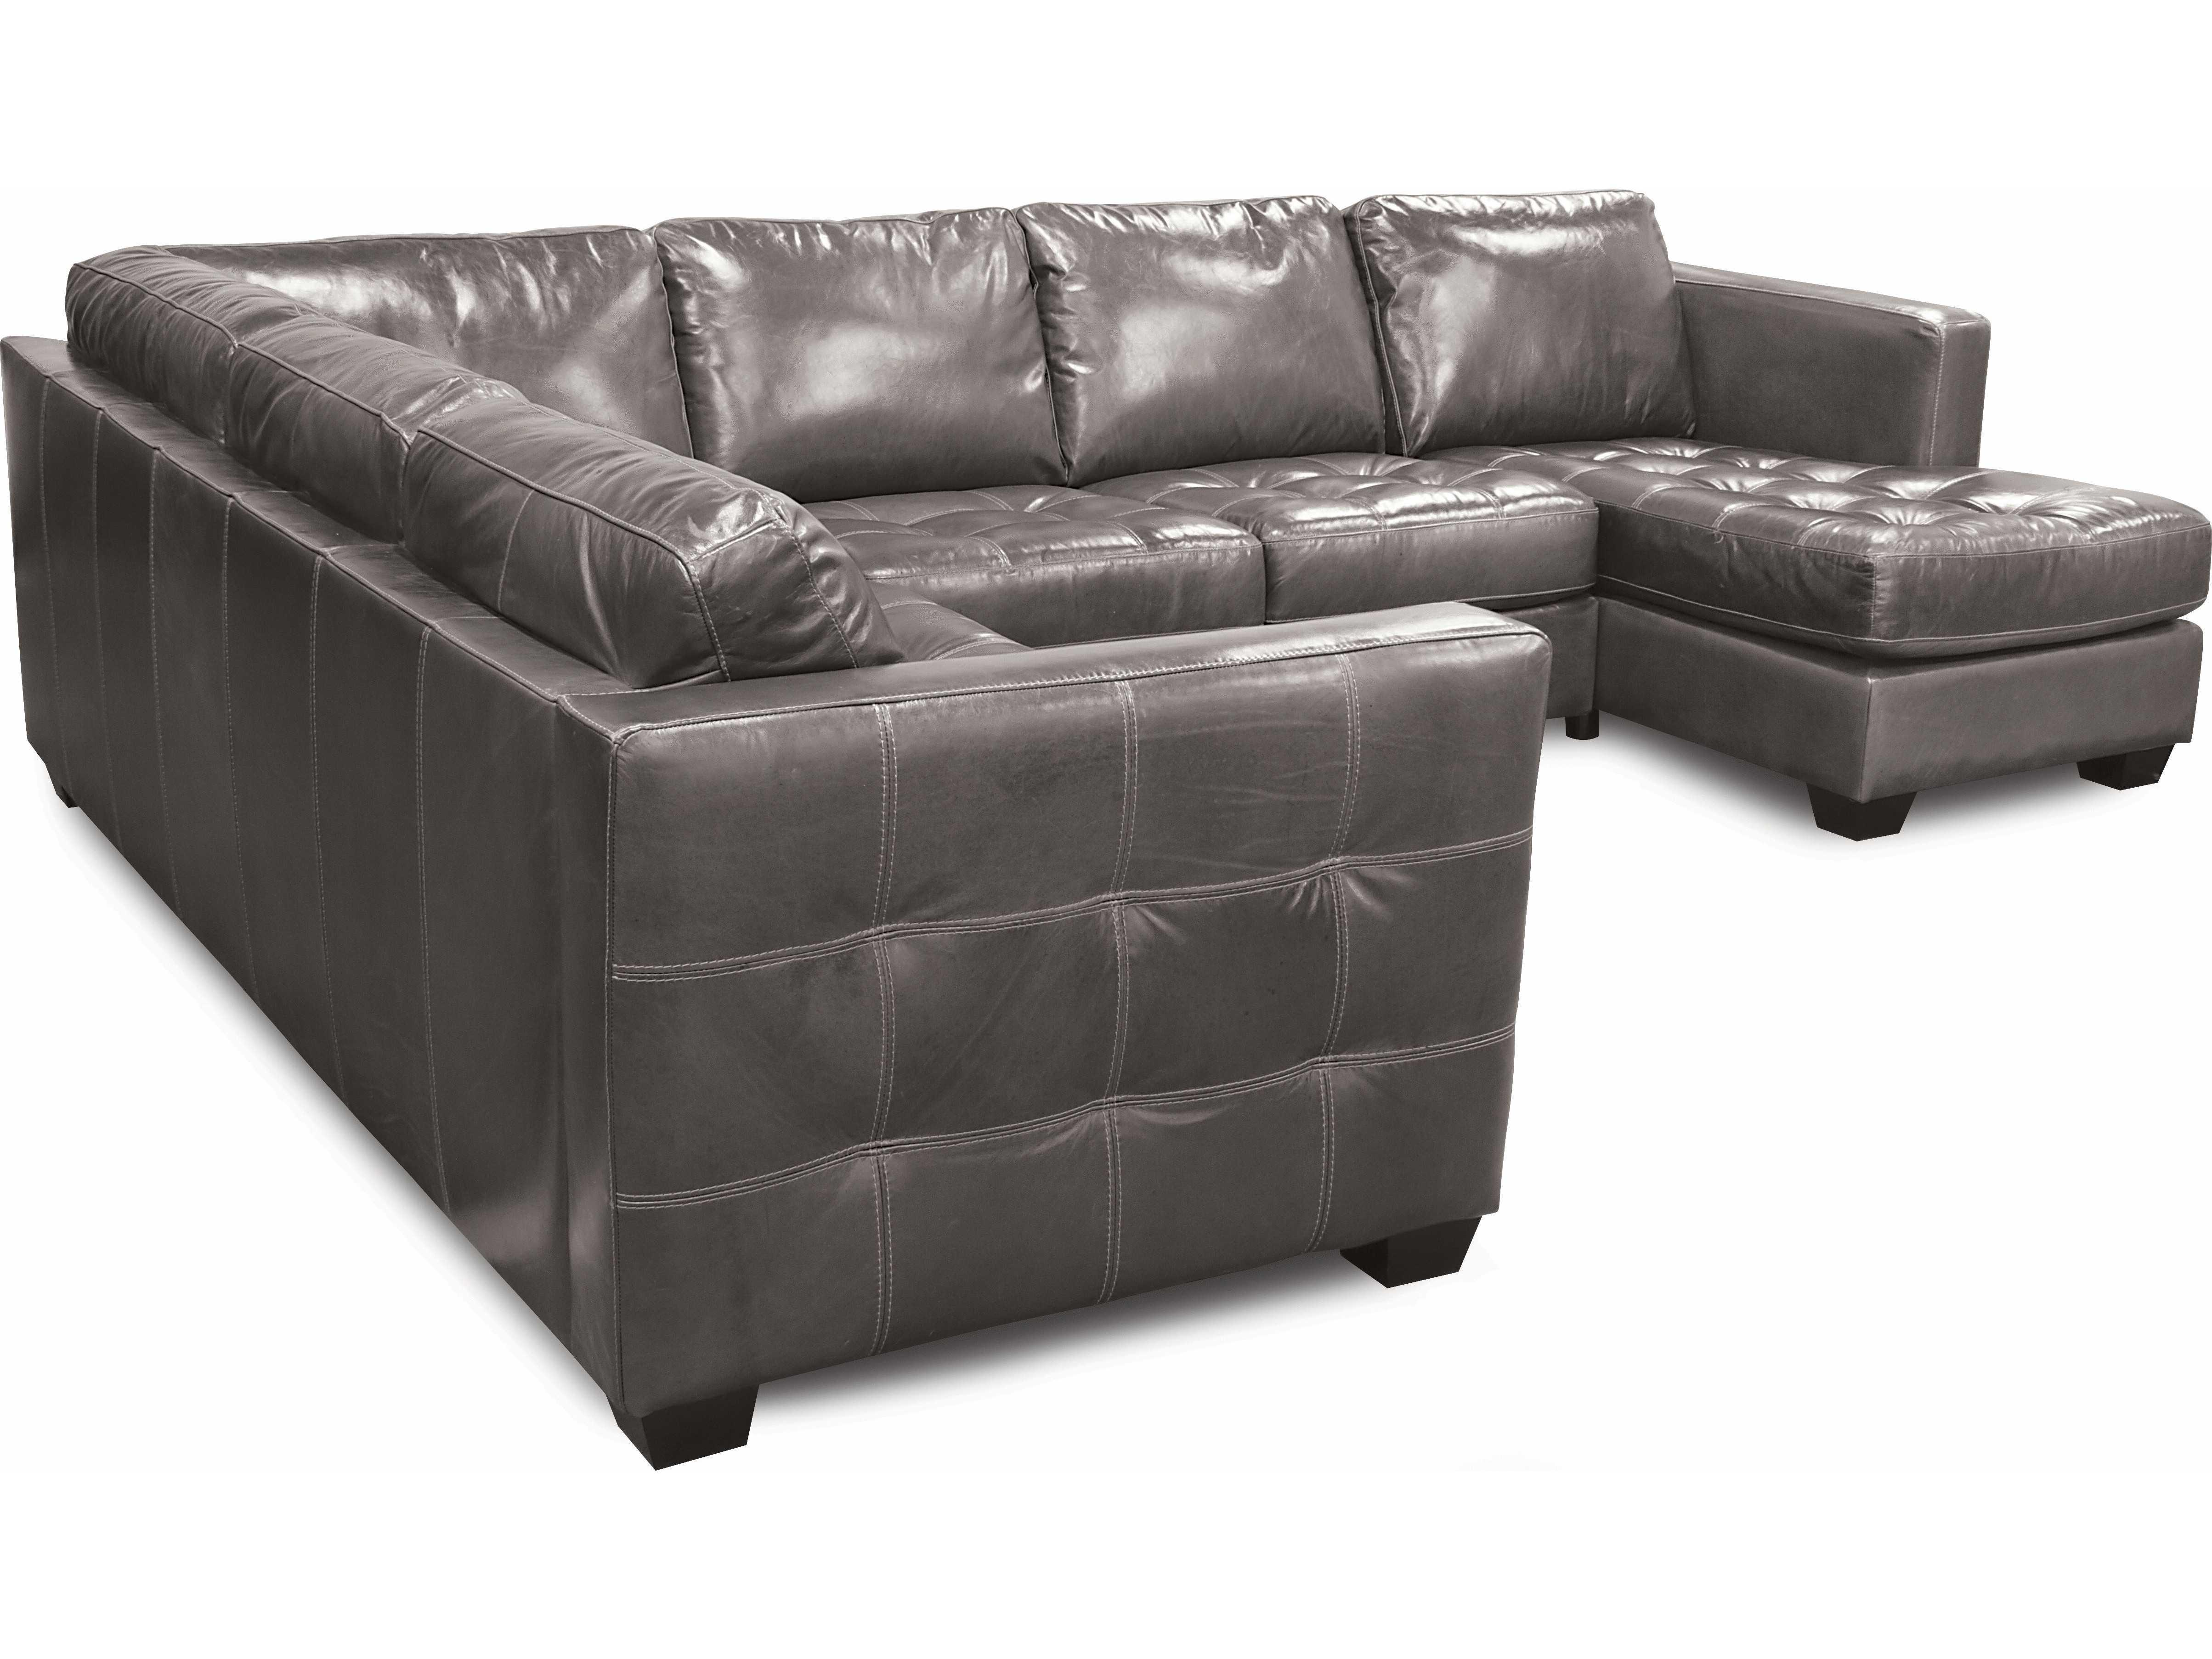 Palliser barrett sectional sofa